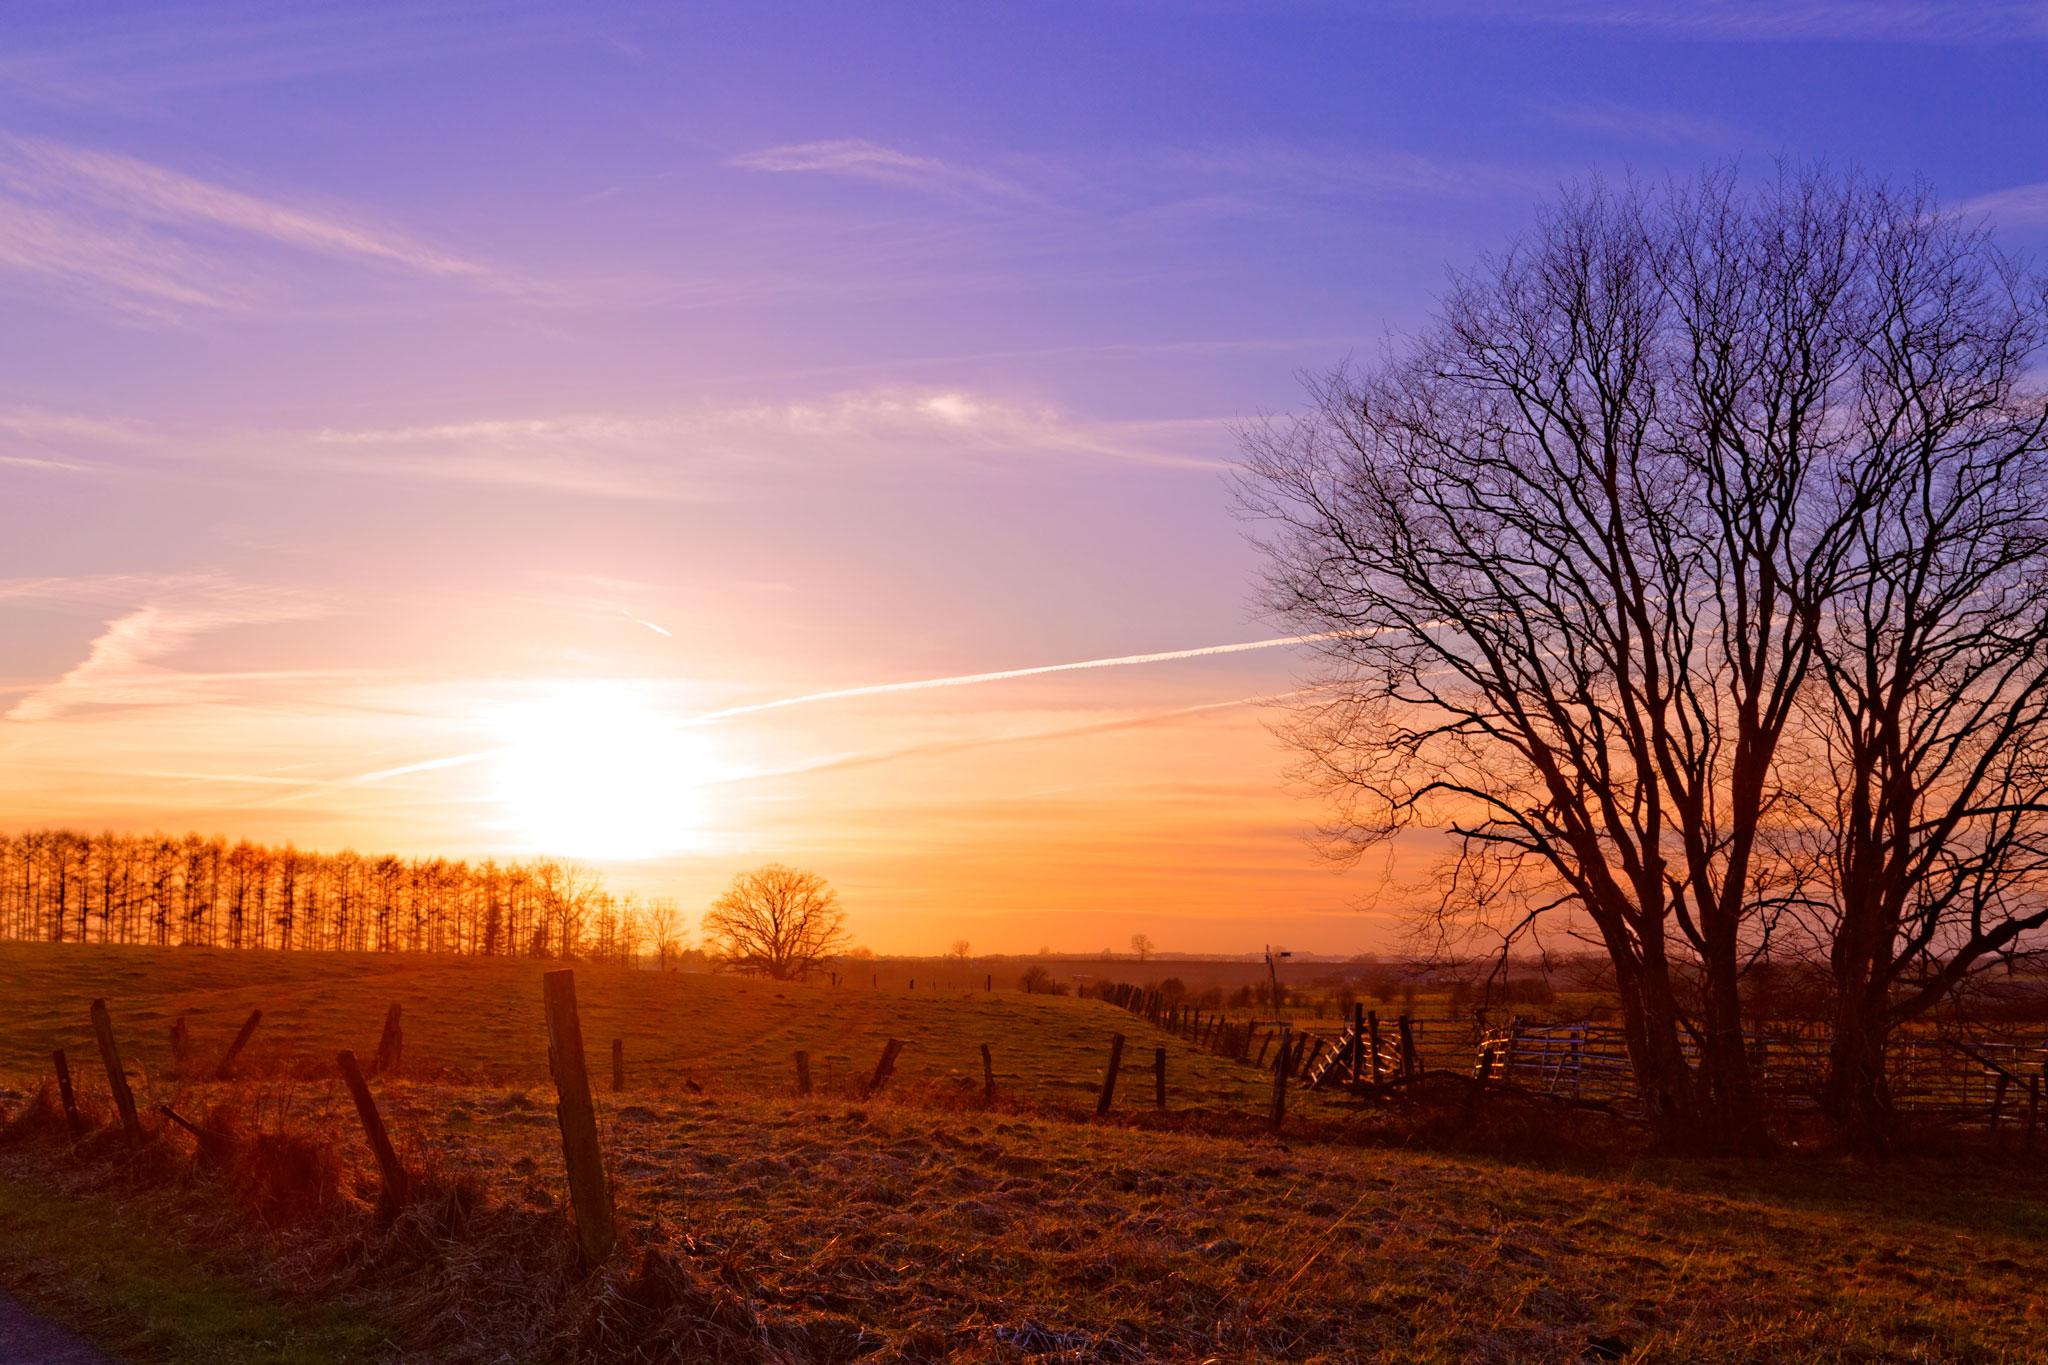 Campagne et coucher de soleil par Stéphane Thirion photographe pro